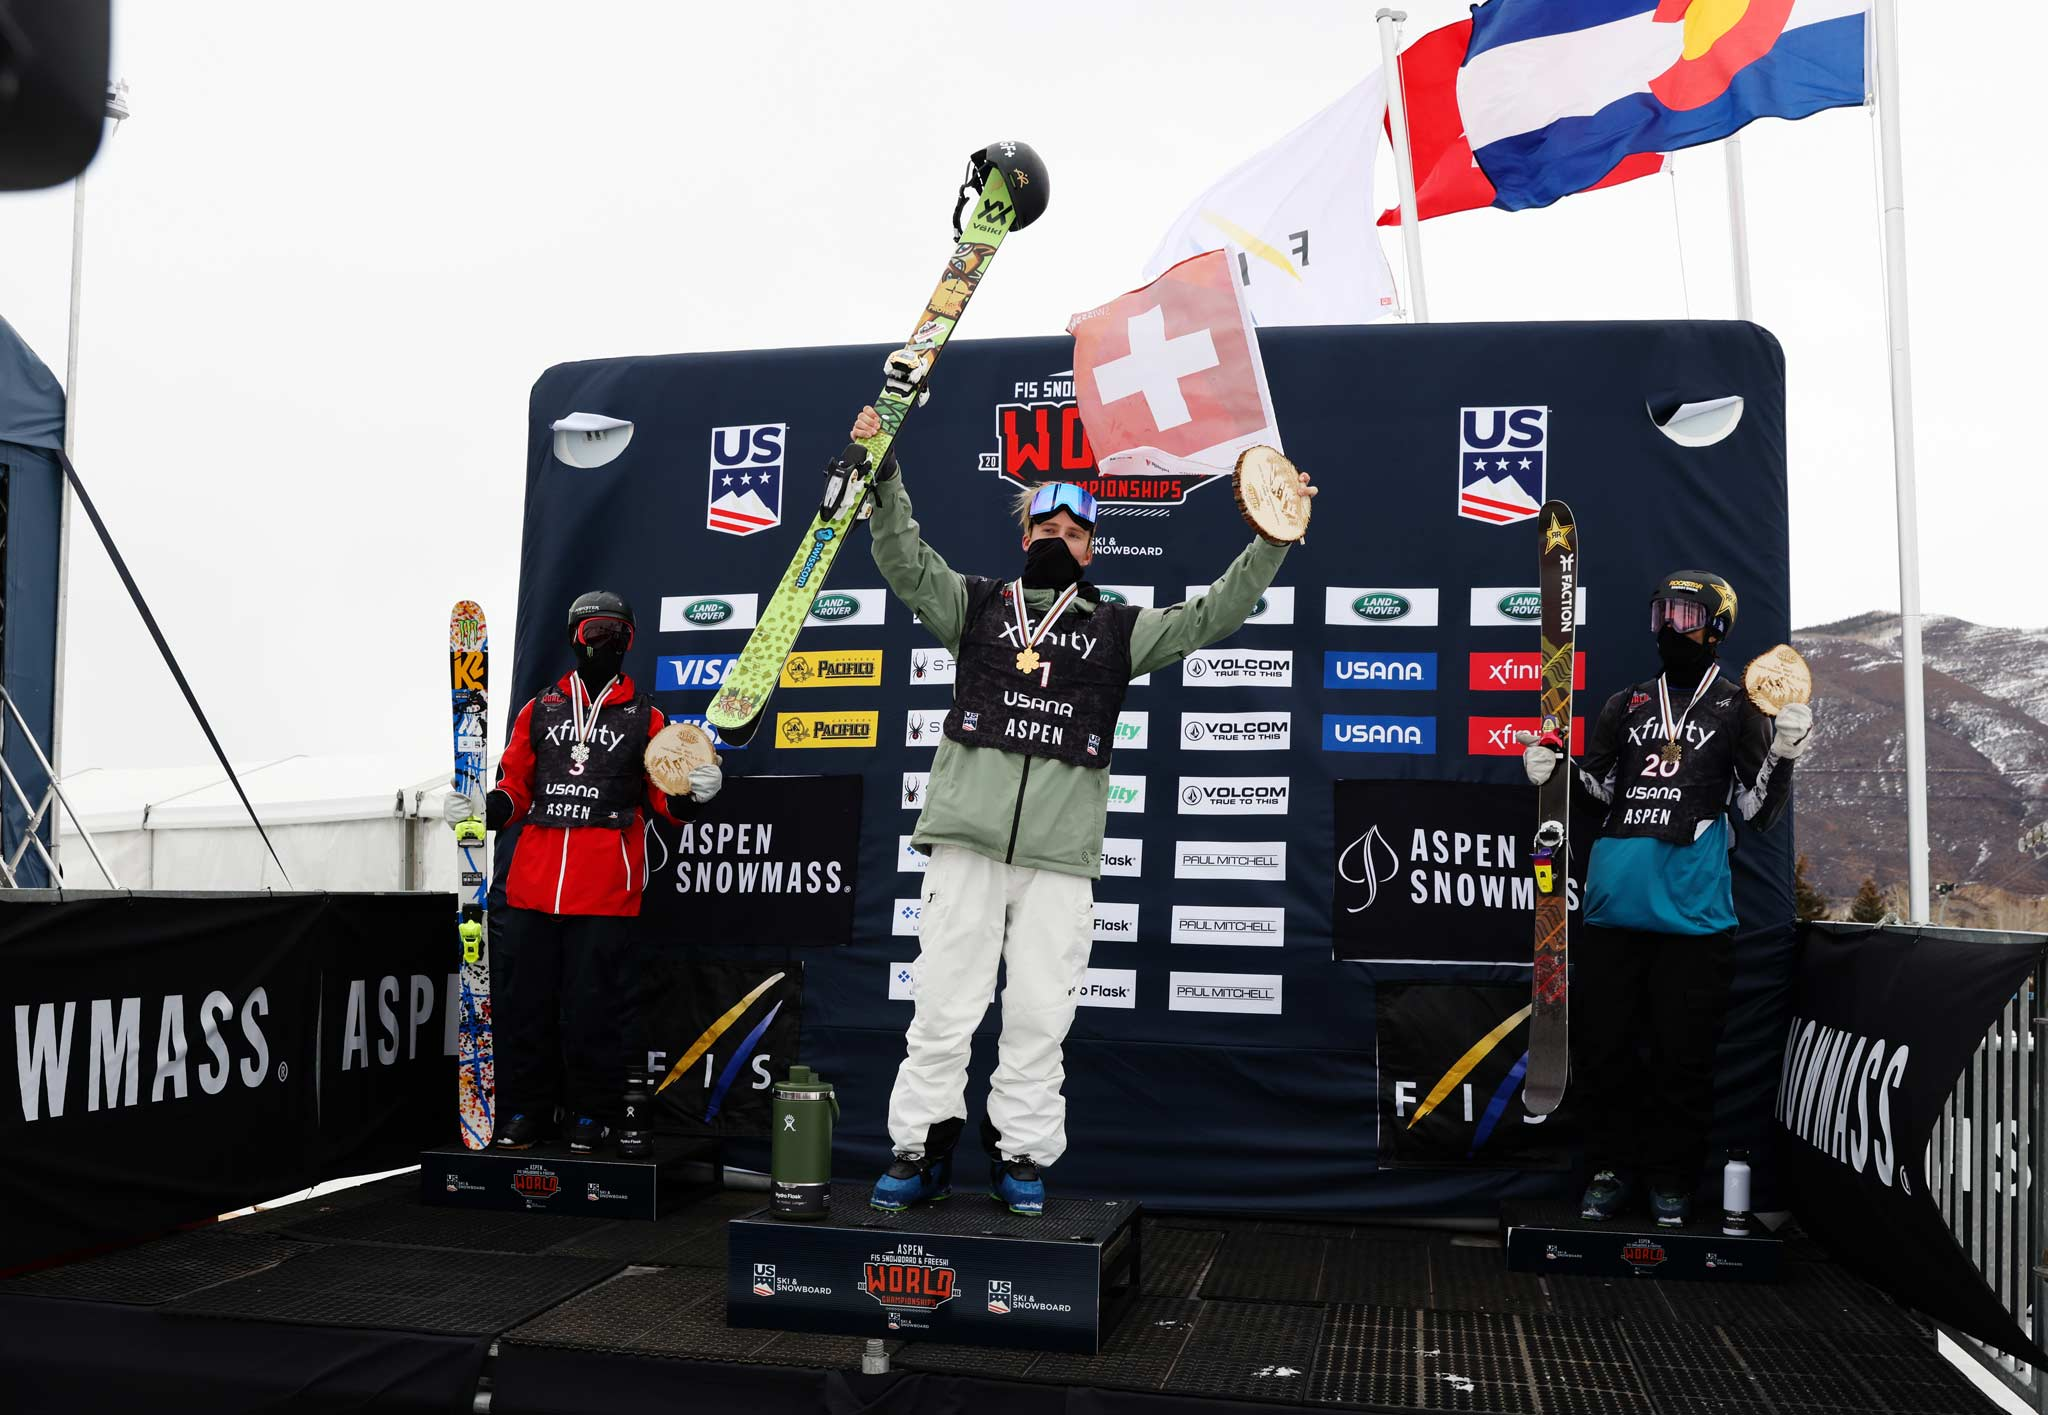 Die drei besten Männer im Slopestyle bei der Freeski WM 2021 in Aspen: Colby Stevenson (USA), Andri Ragettli (SUI) und Alex Hall (USA) - Foto: FIS